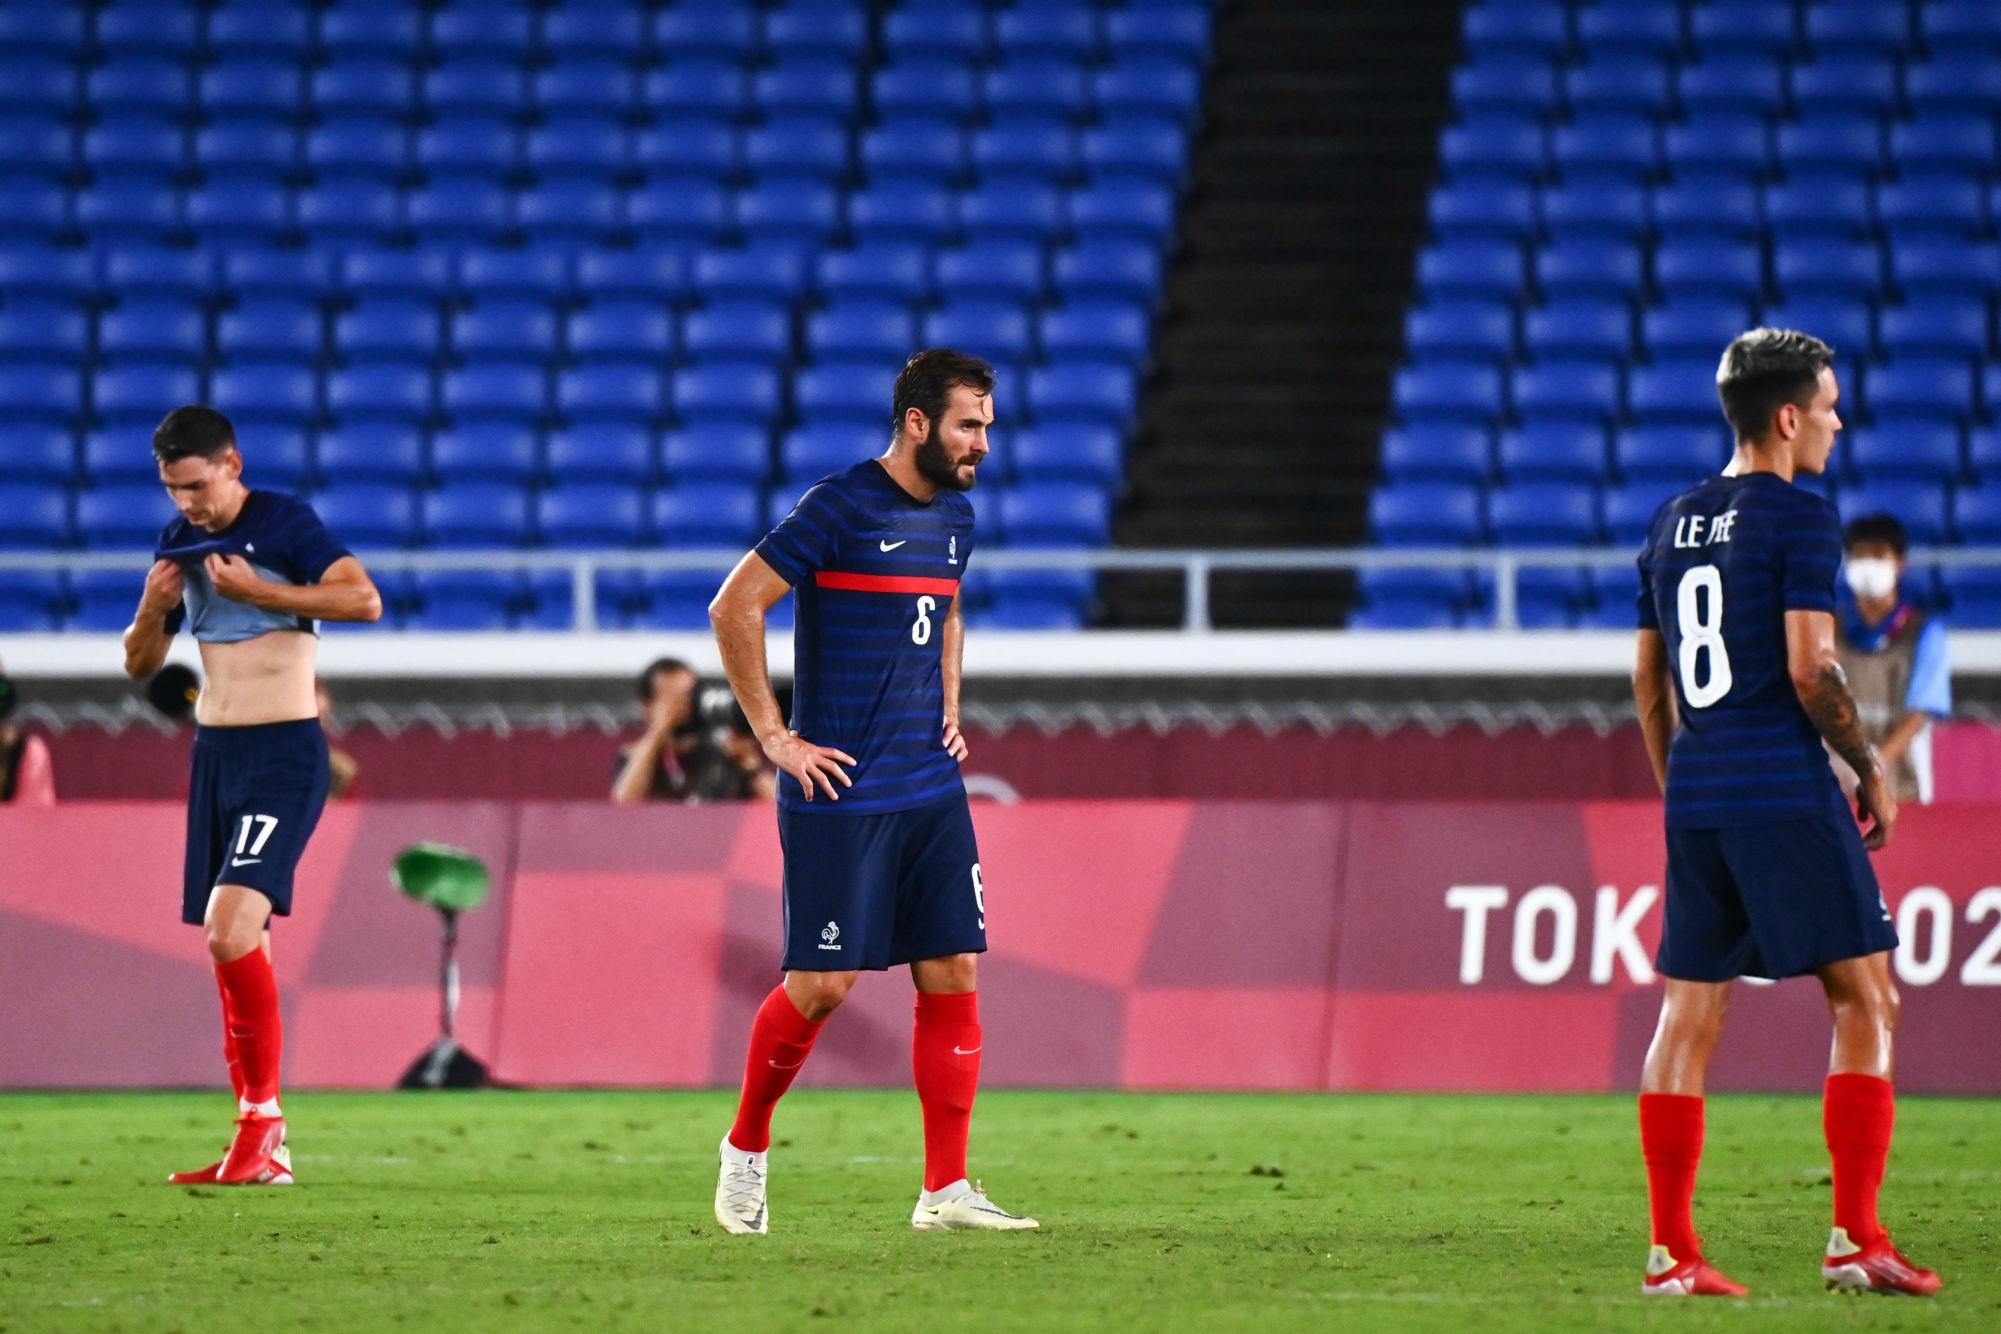 France/Japon - Les Bleus perdent largement avec Pembélé et sont éliminés des JO